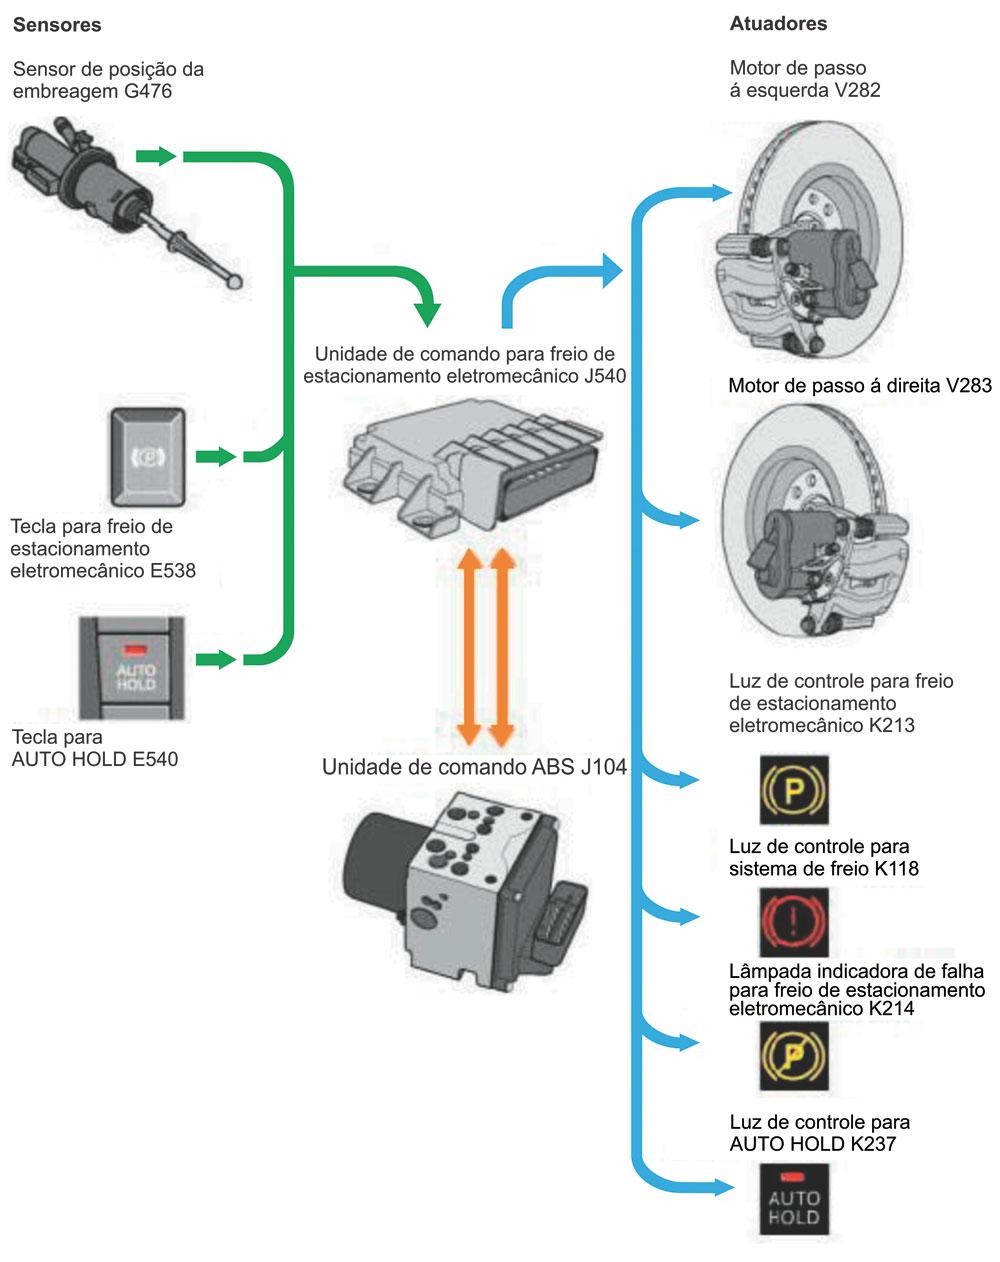 Obs.: Quando a tecla do freio de estacionamento eletromecânico é ativada, o torque do motor entra no ponto morto, e são desativadas as funções de assistência como o programador de velocidade (GRA), o ajuste automático de distância (ADR) ou o AUTO HOLD.